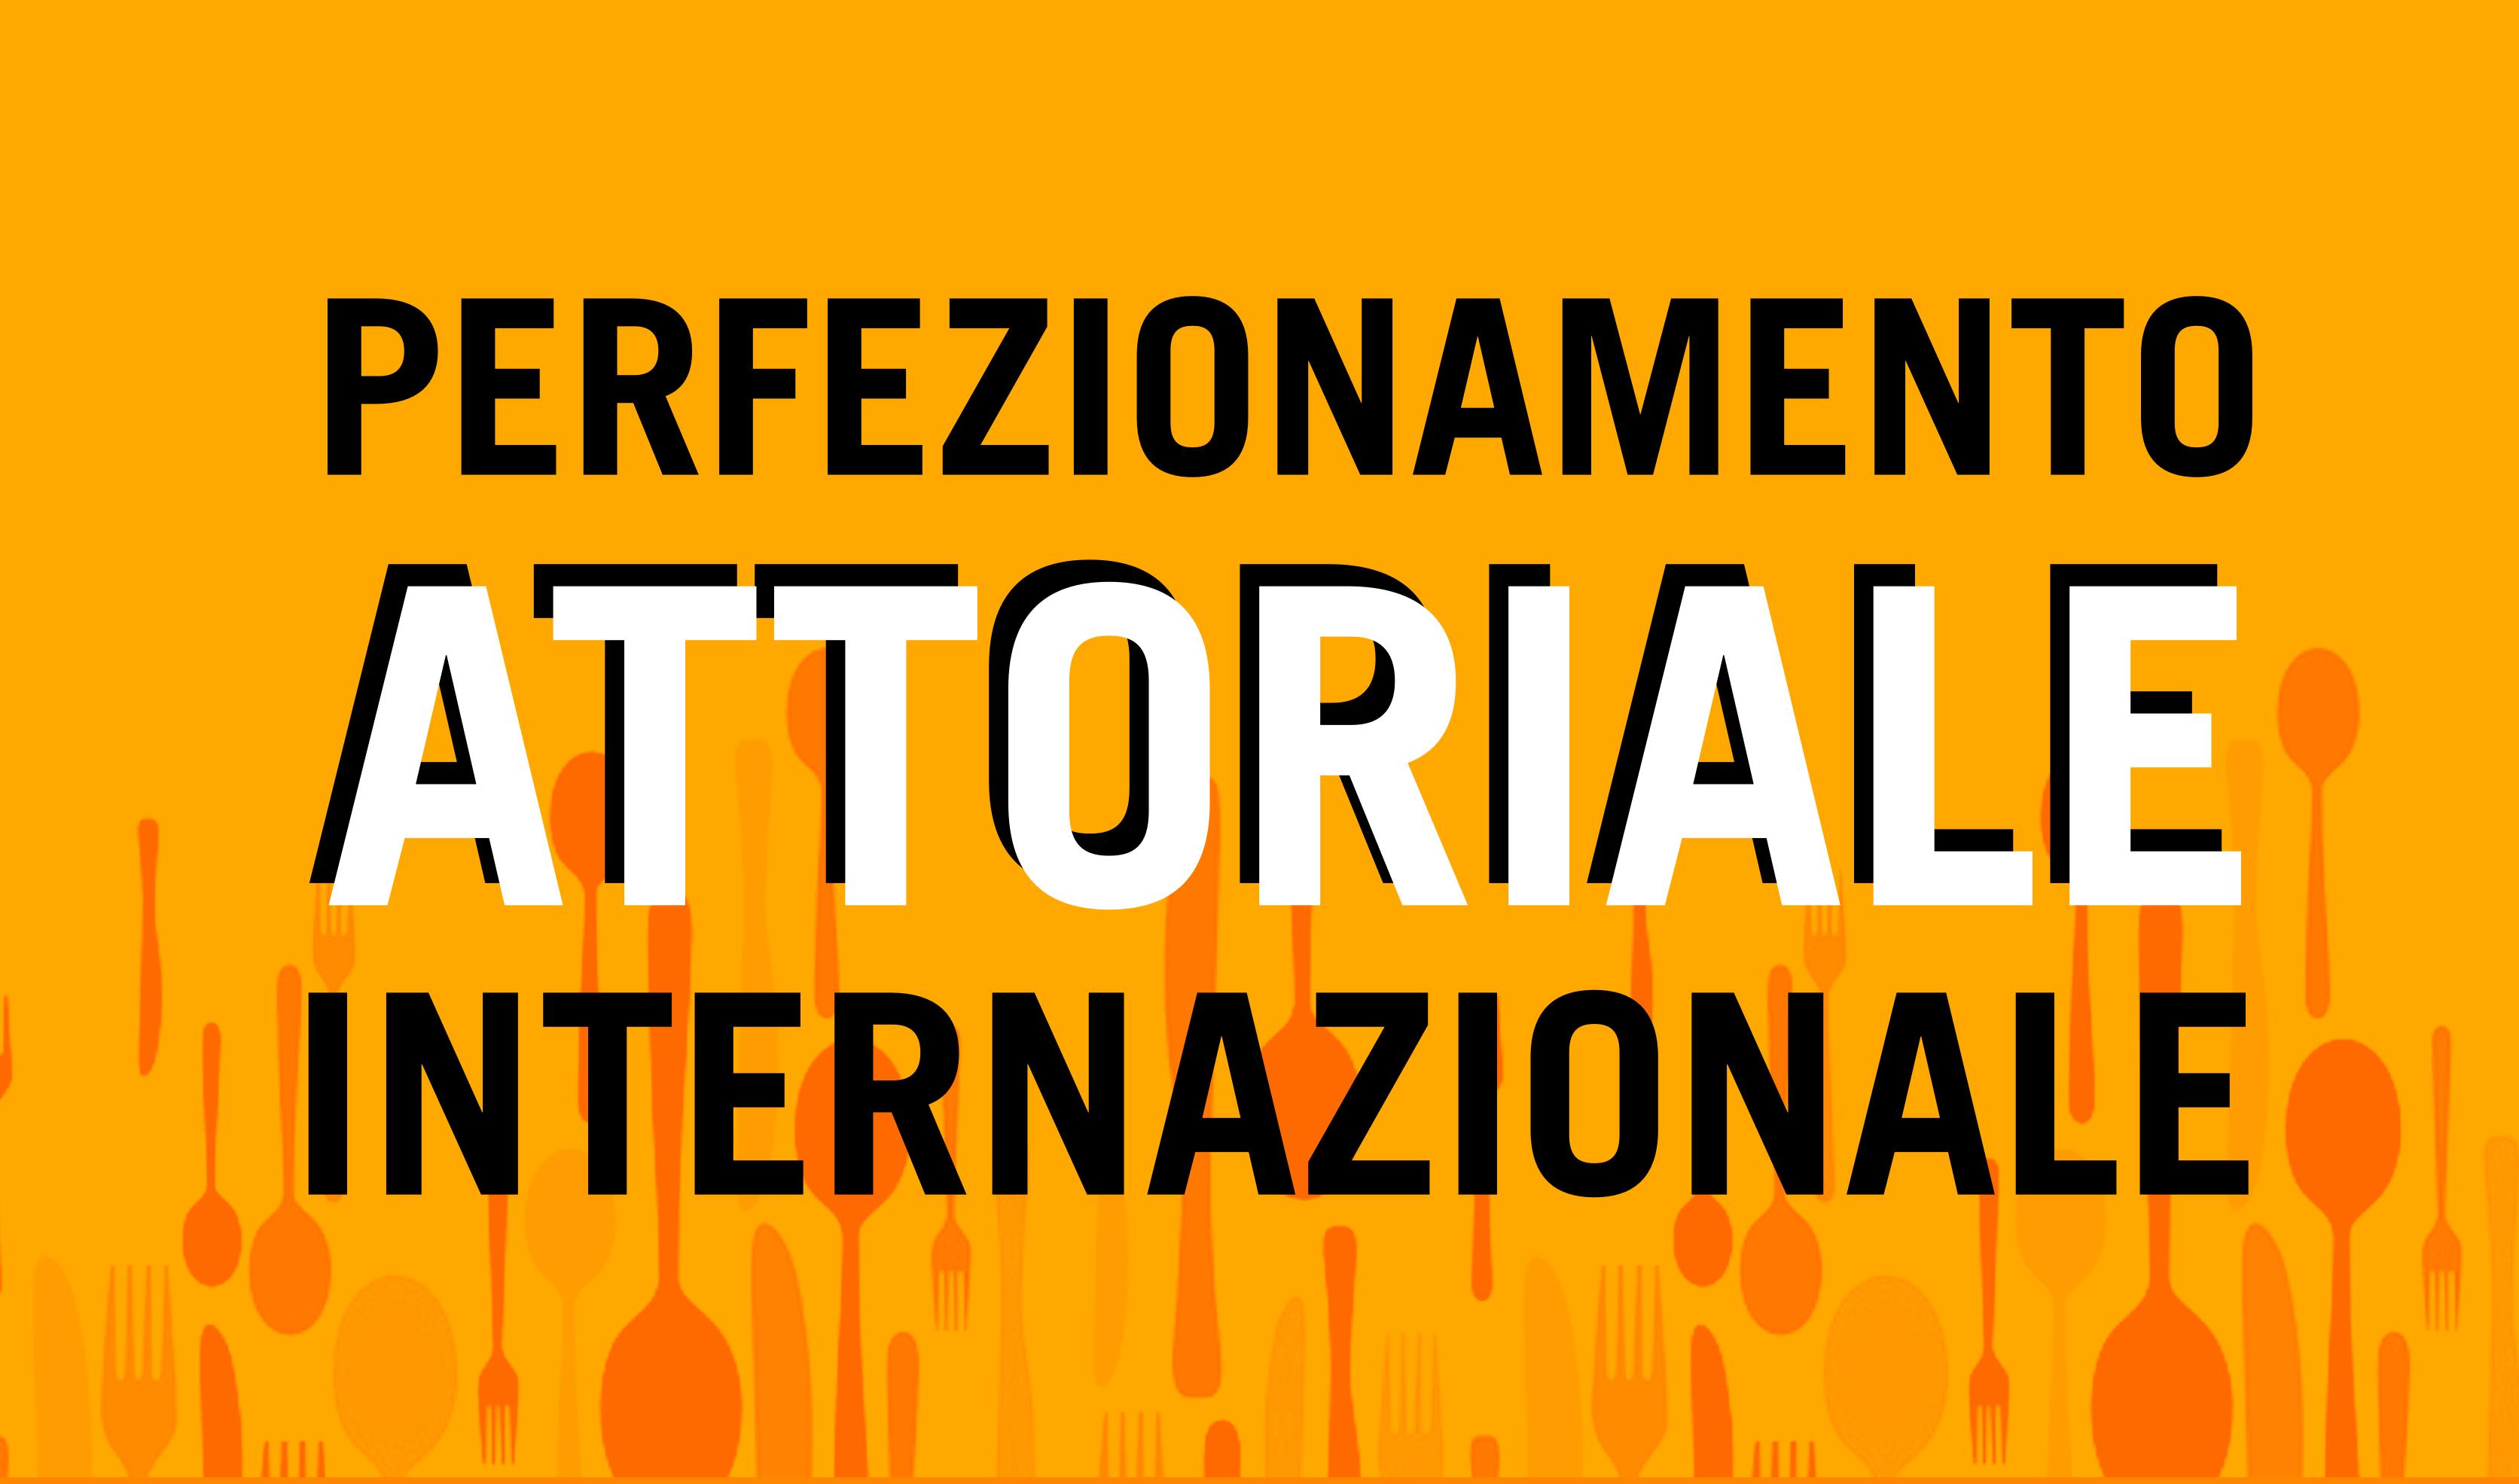 Bando di selezione per il corso Perfezionamento attoriale internazionale